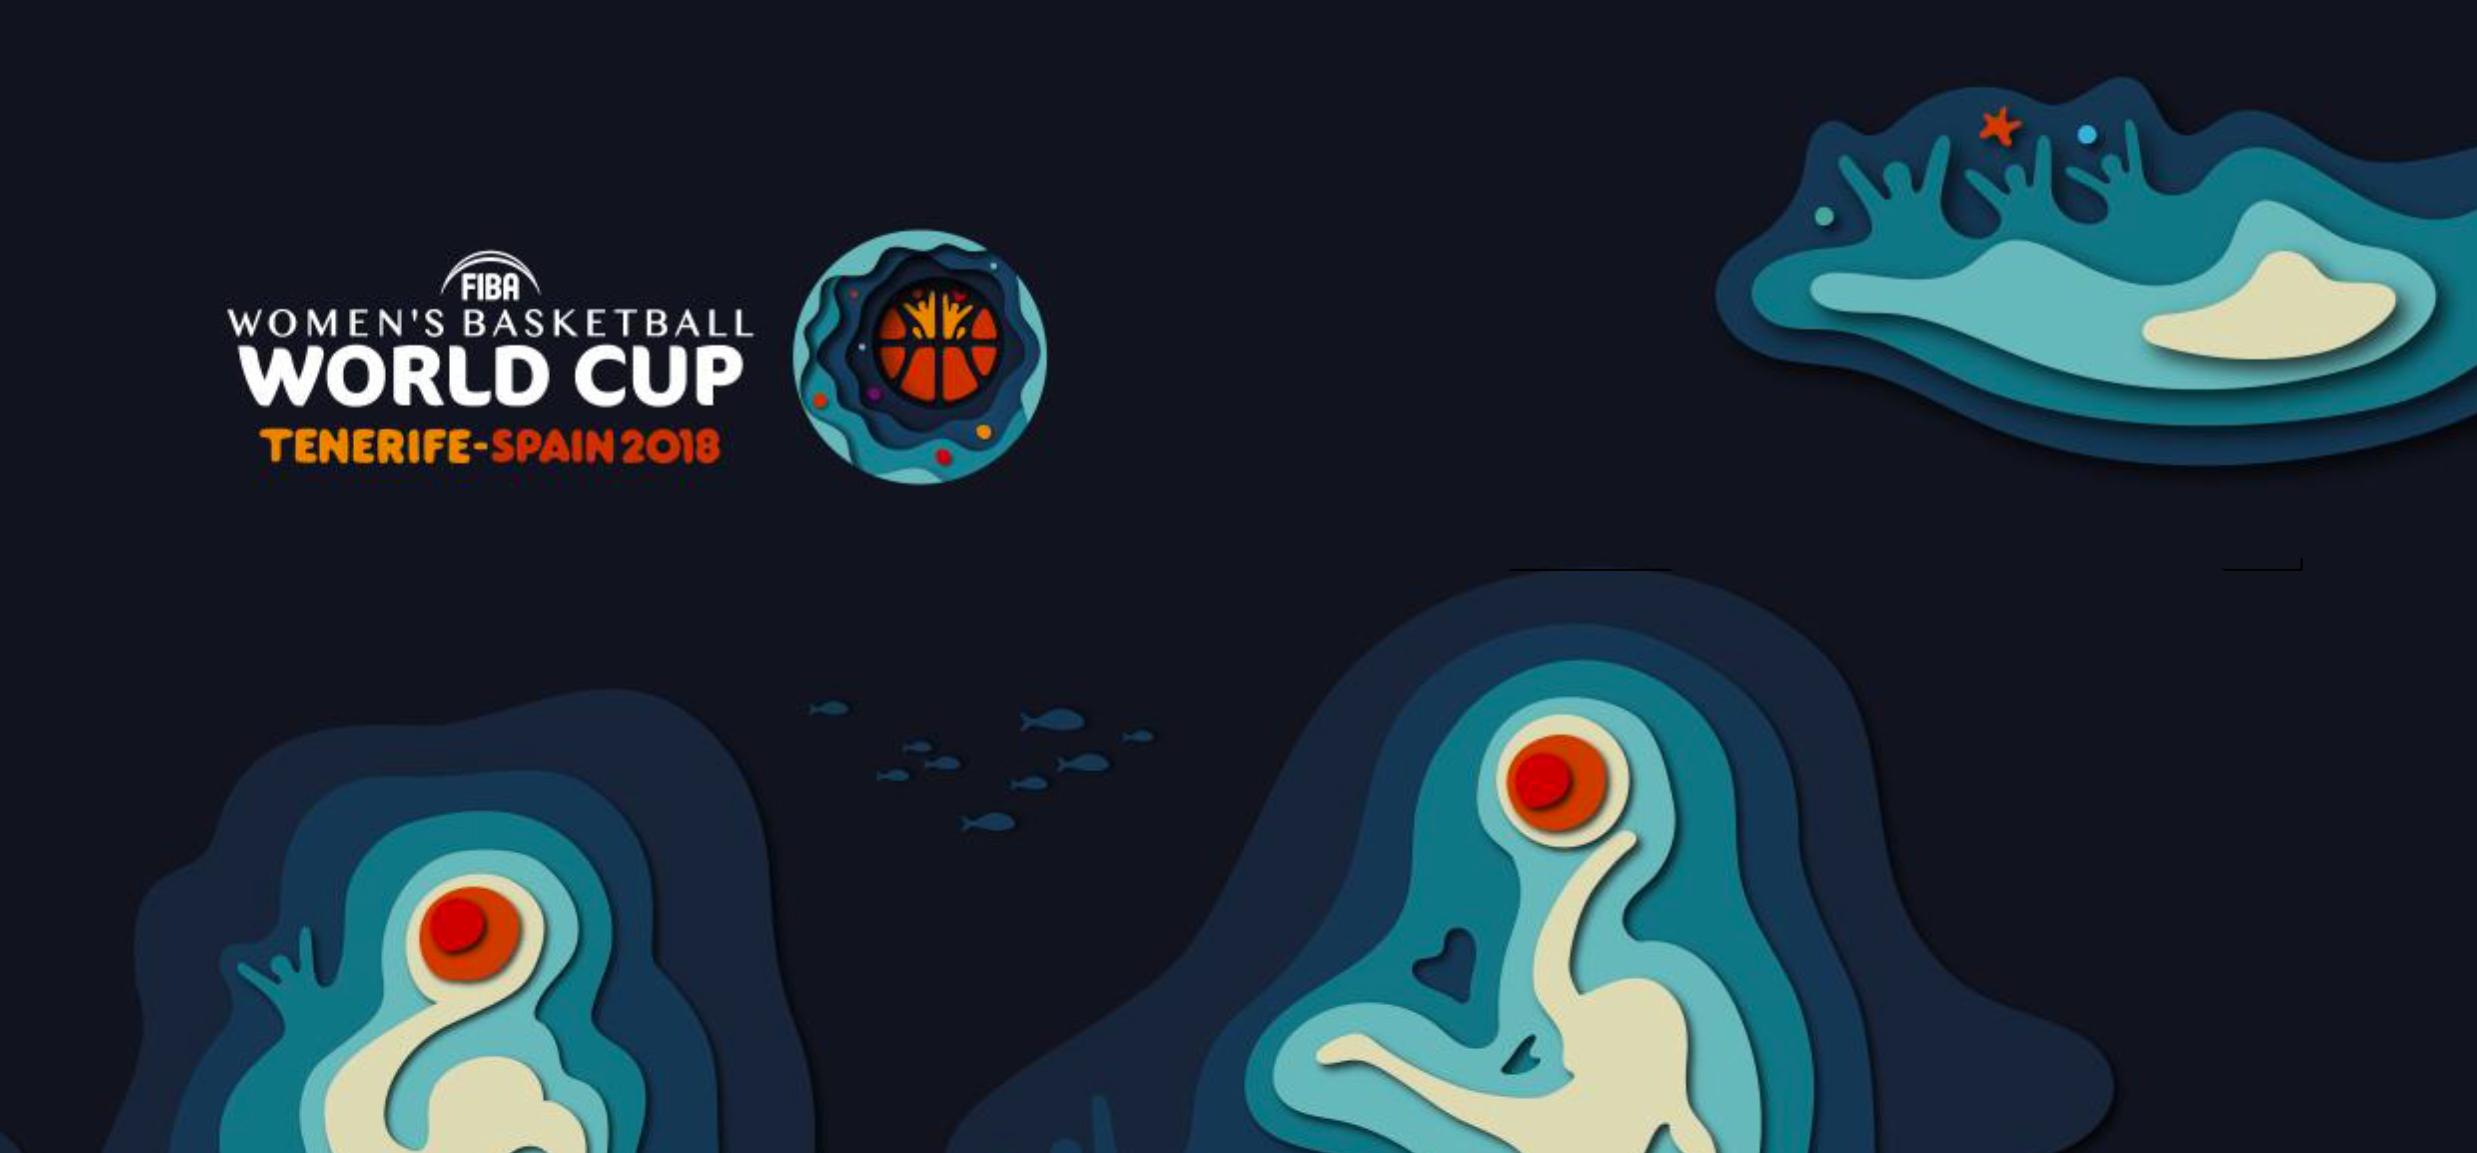 Visuel officiel - FIBAWWC2018